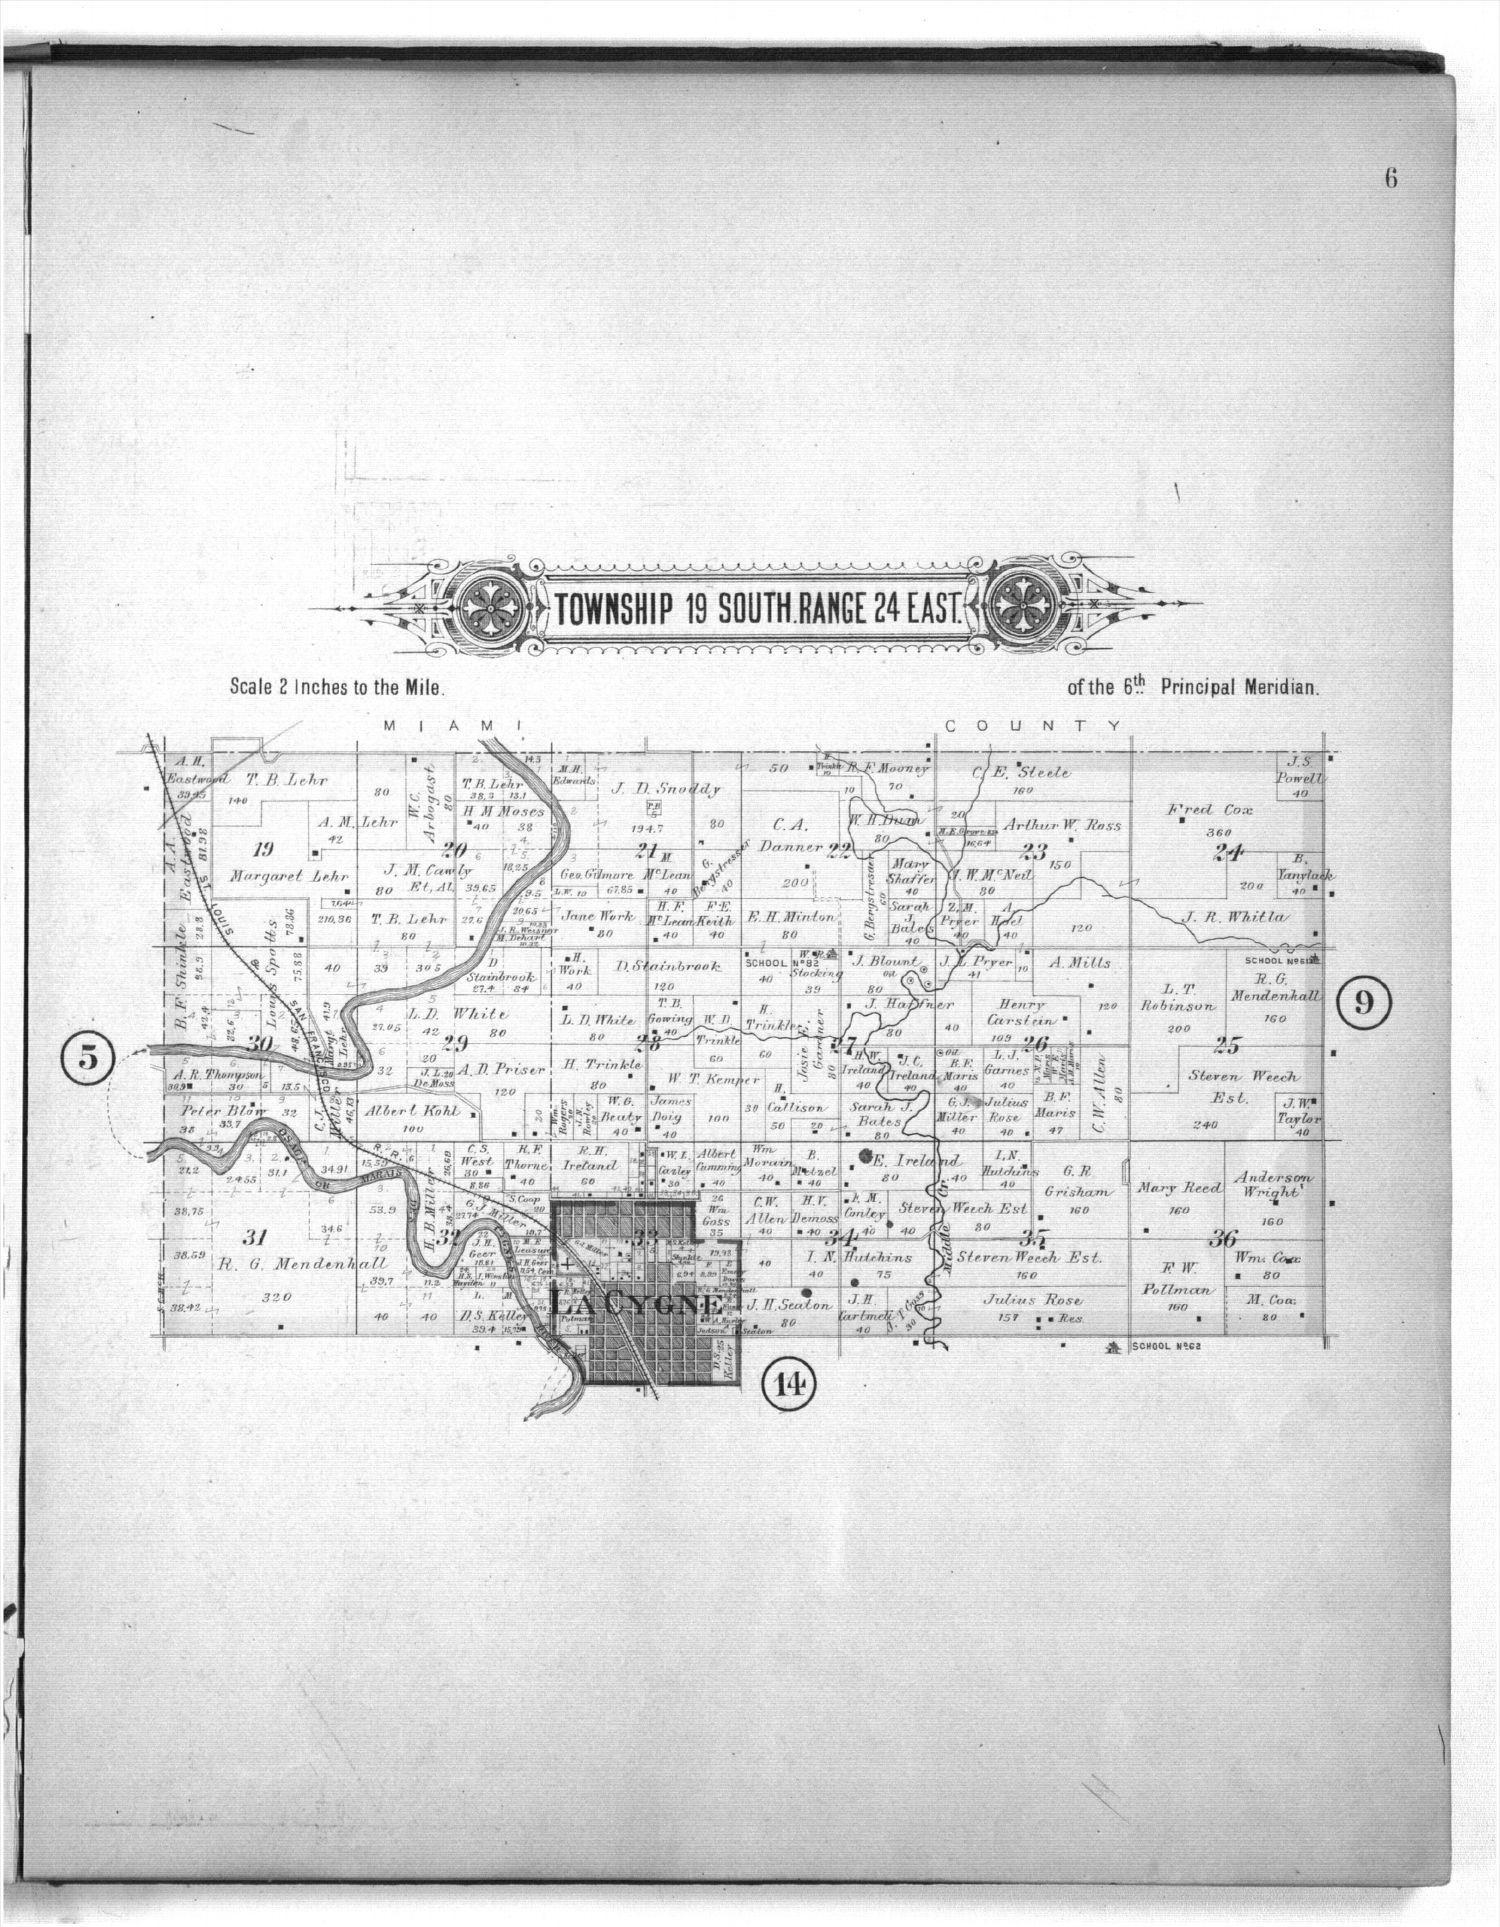 Plat book of Linn County, Kansas - 6